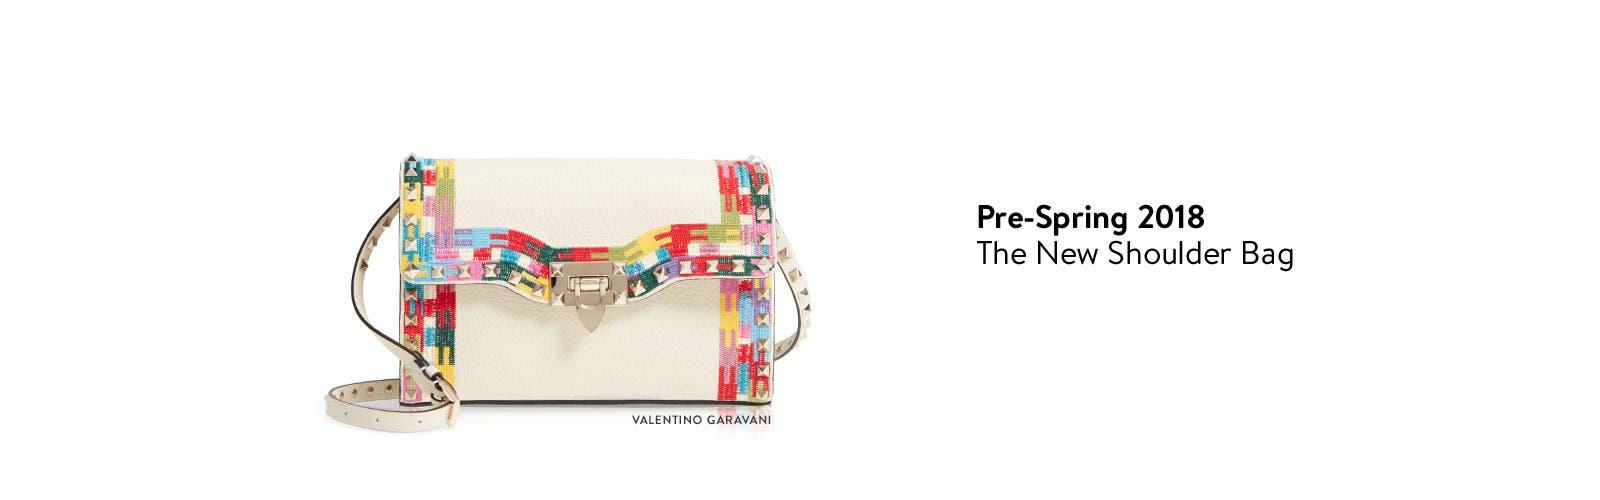 Designer pre-spring 2018 collections: Valentino Garavani handbag.